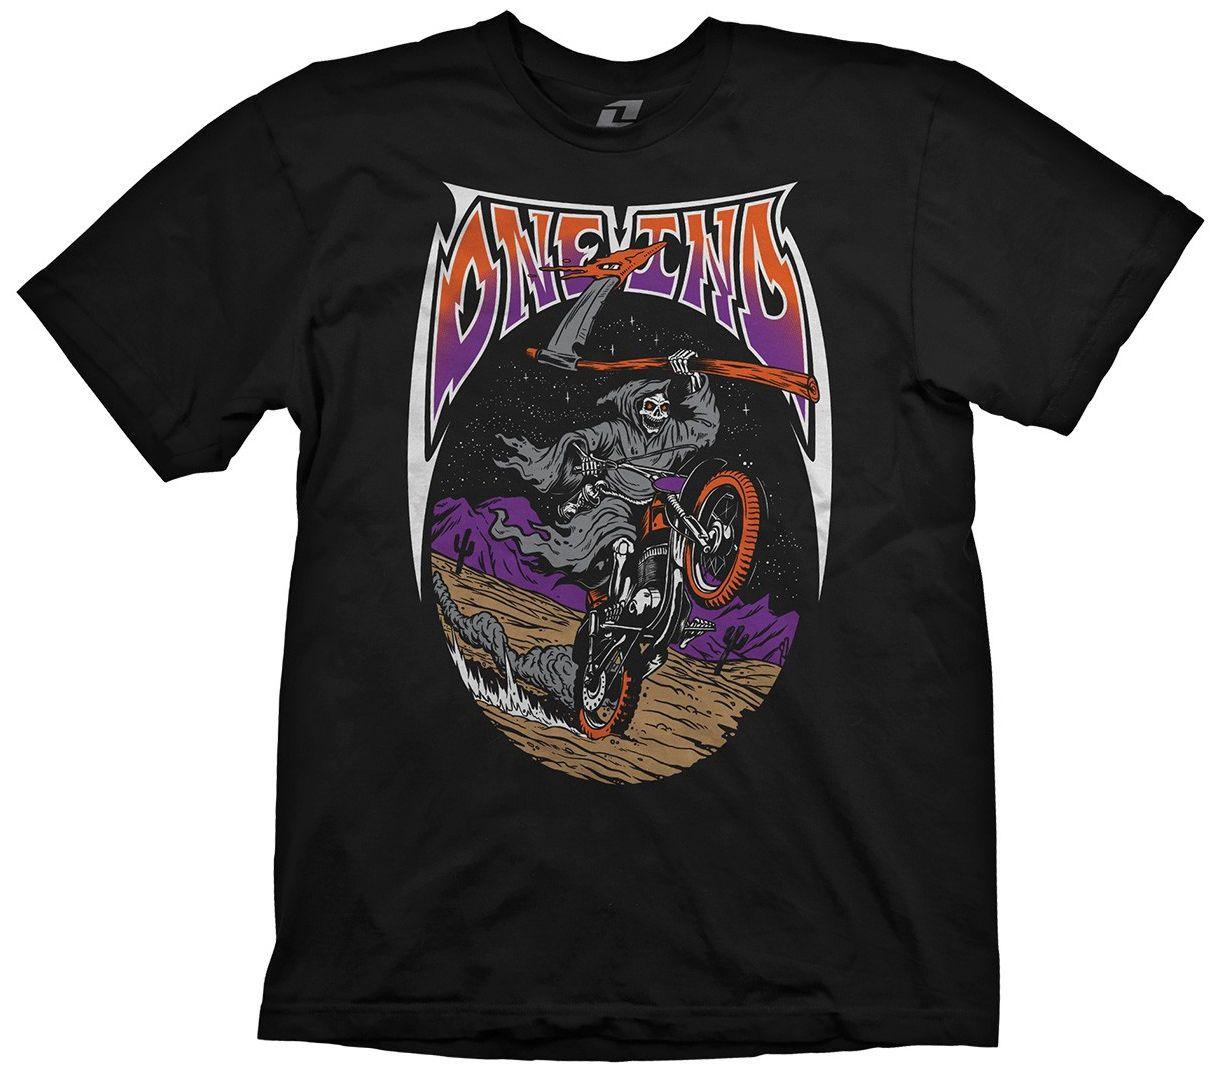 b8248ebc ONE INDUSTRIES MENS T SHIRT FEAR THE REAPER TEE BLACK Adult Motocross Mx  Bike T Shirt Printing Custom Printed Tshirt, 2019 Fashion T Shirt 24 Hour  Tee ...